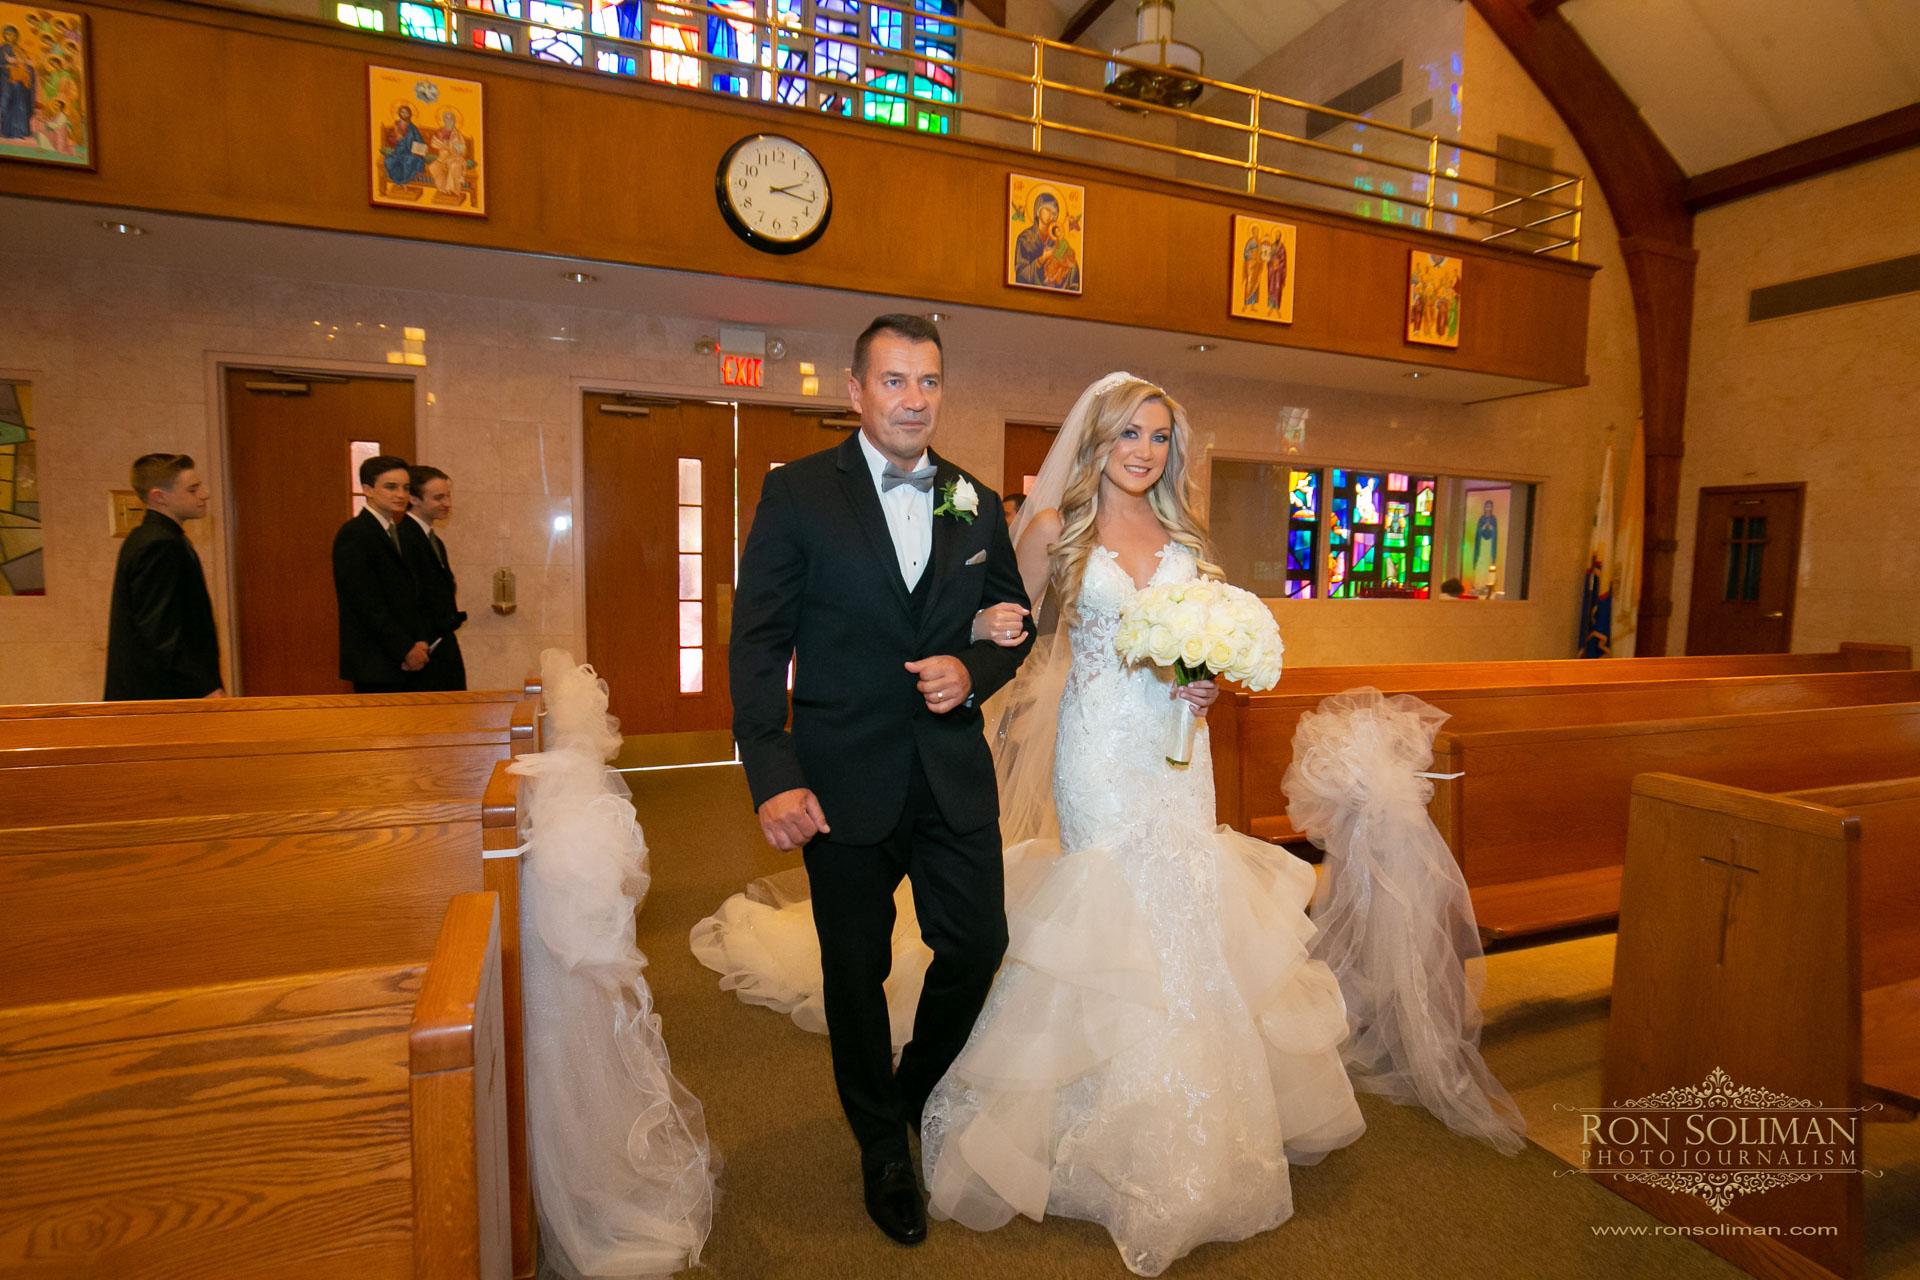 WESTMOUNT COUNTRY CLUB WEDDING 13